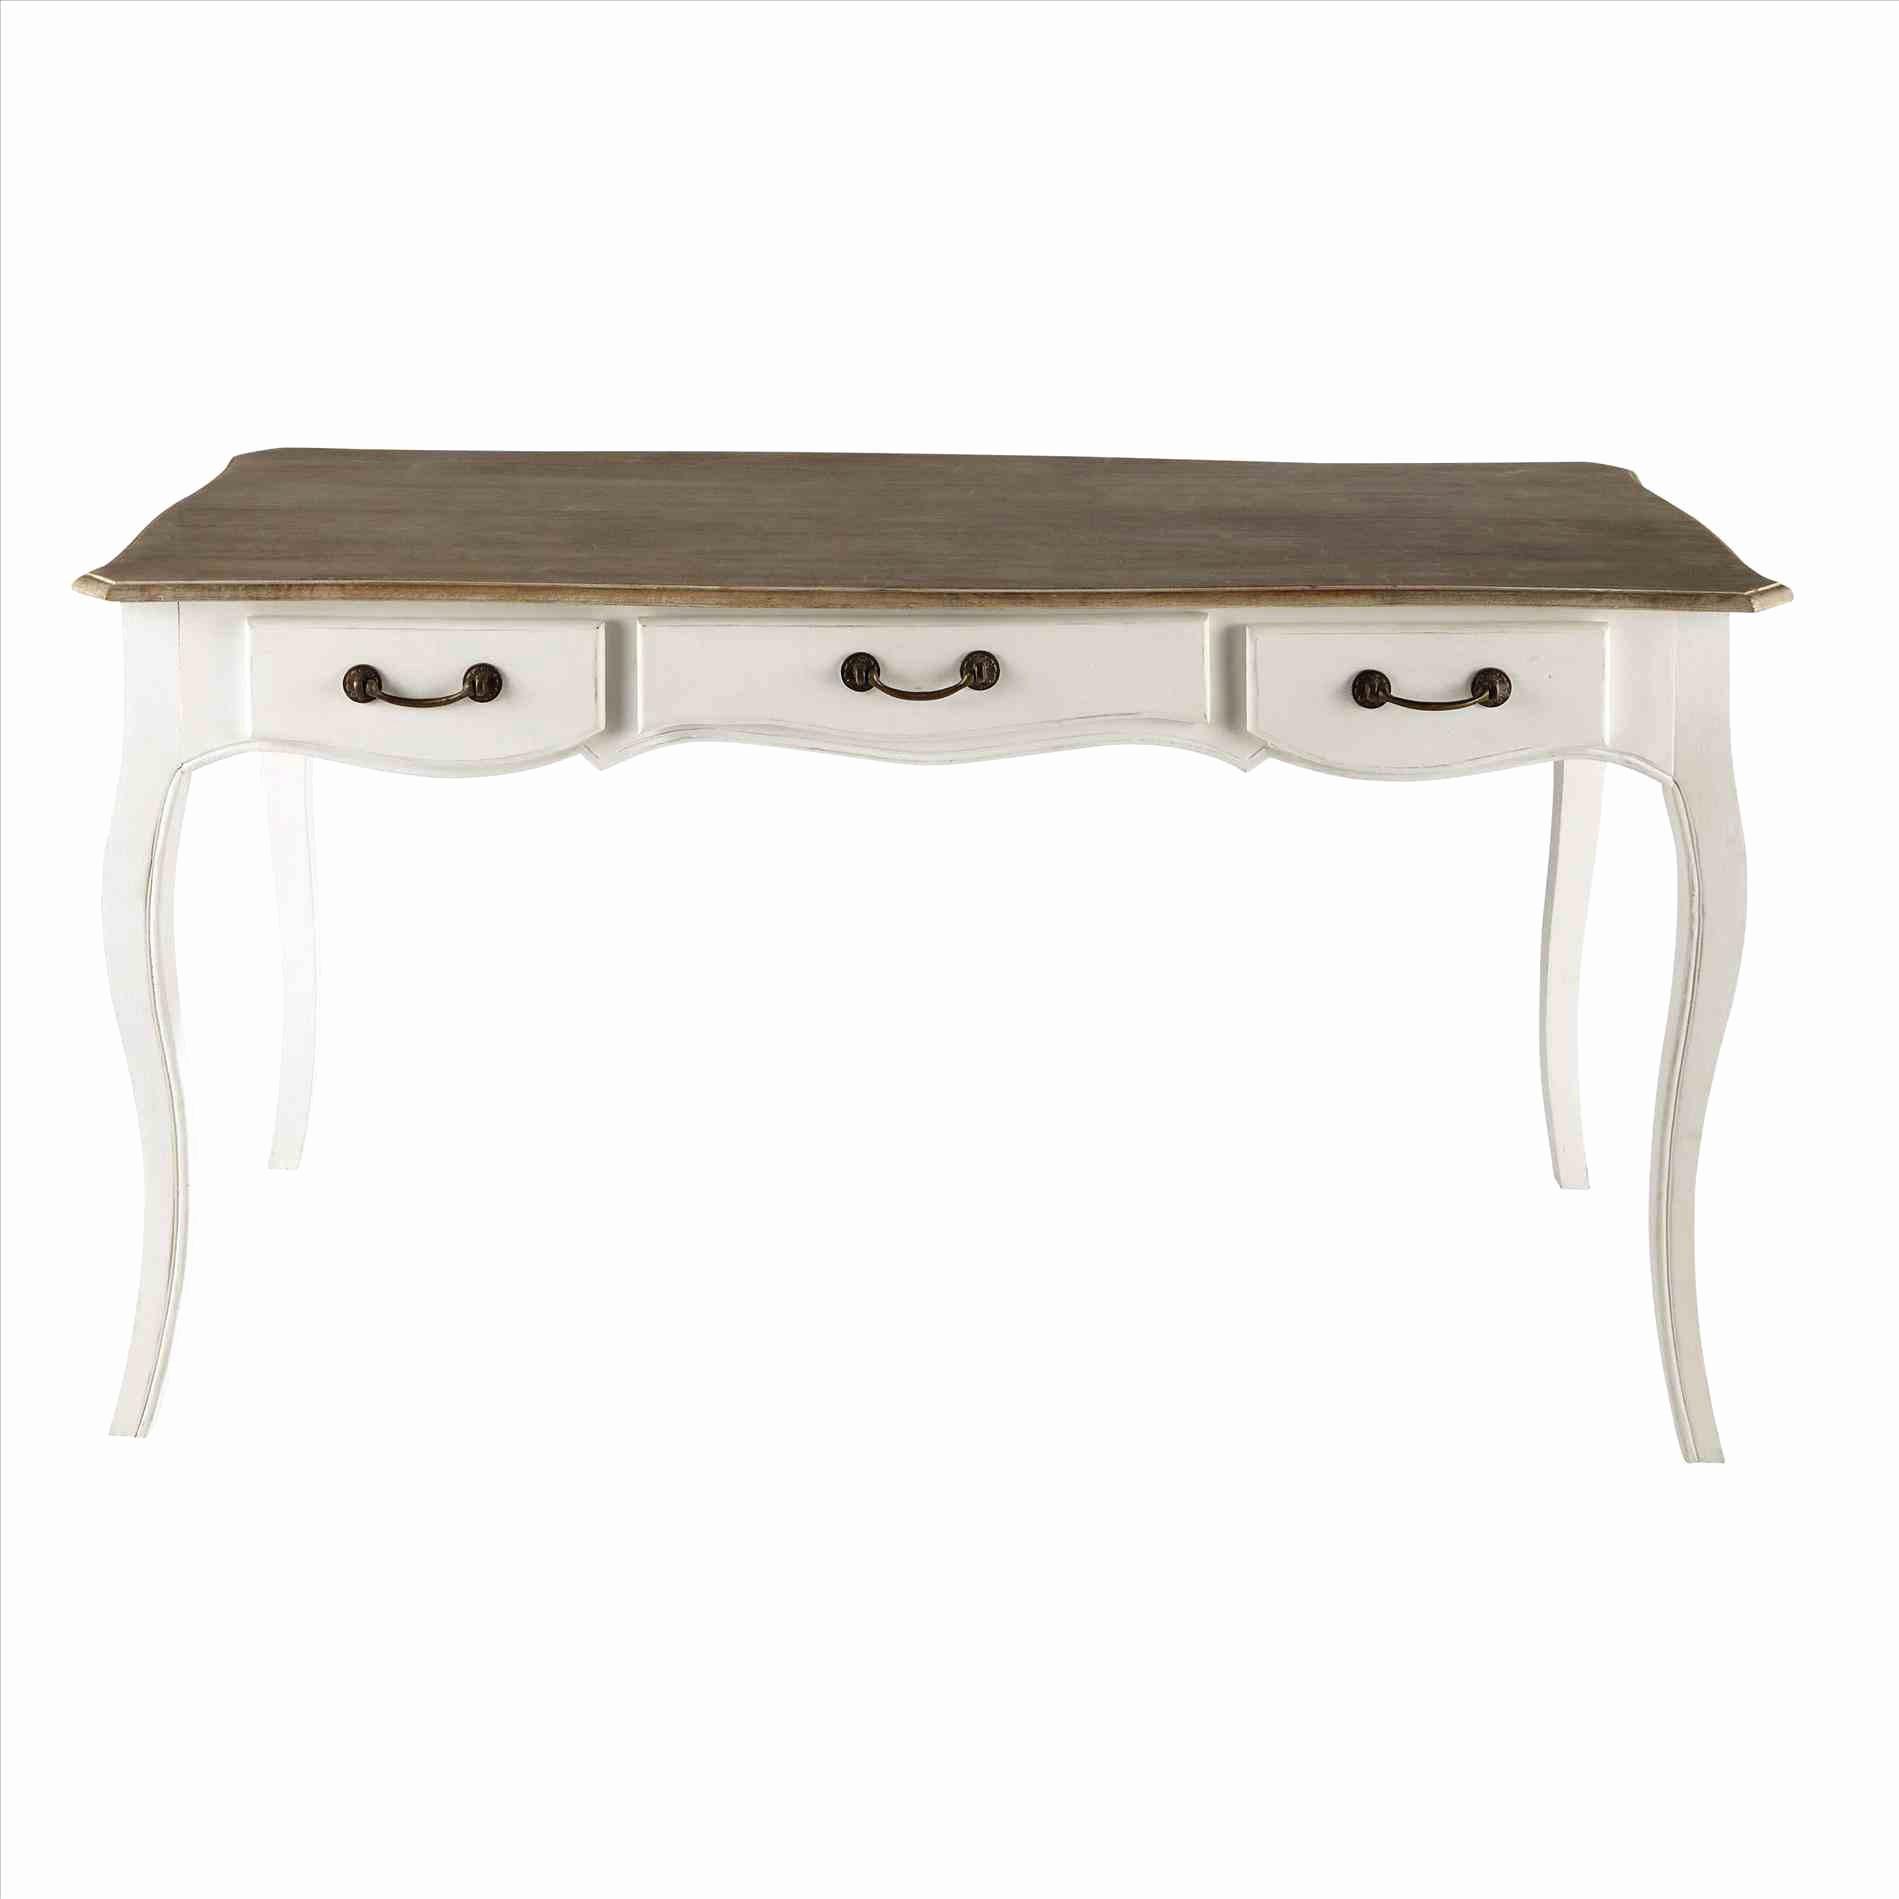 meuble de la maison meuble de la maison mobilier balcon best meuble balcon 0d collection of meuble de la maison